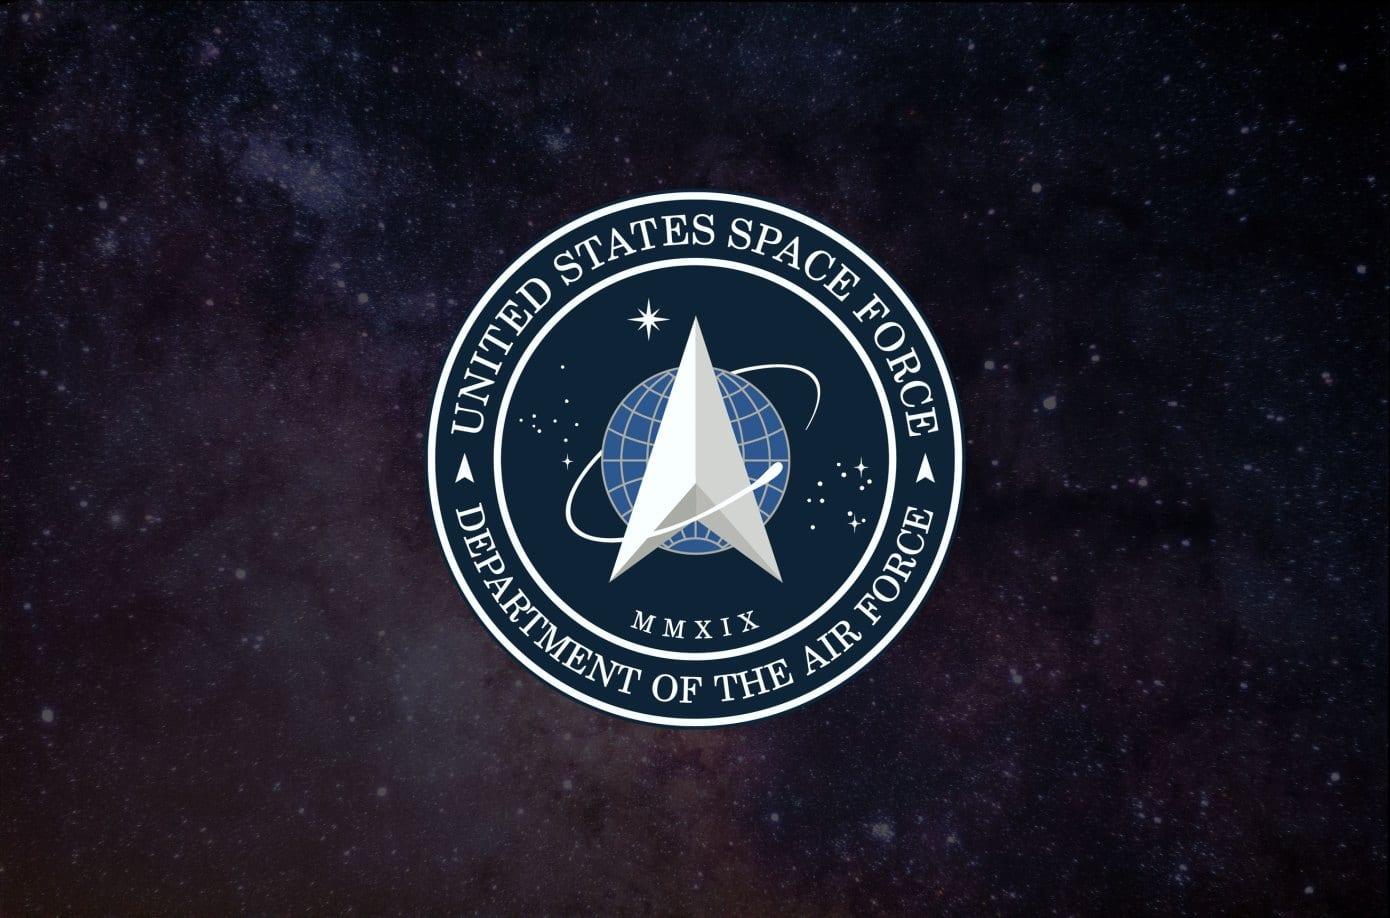 Il sistema di tracciamento orbitale della U.S. Space Force è ufficialmente operativo